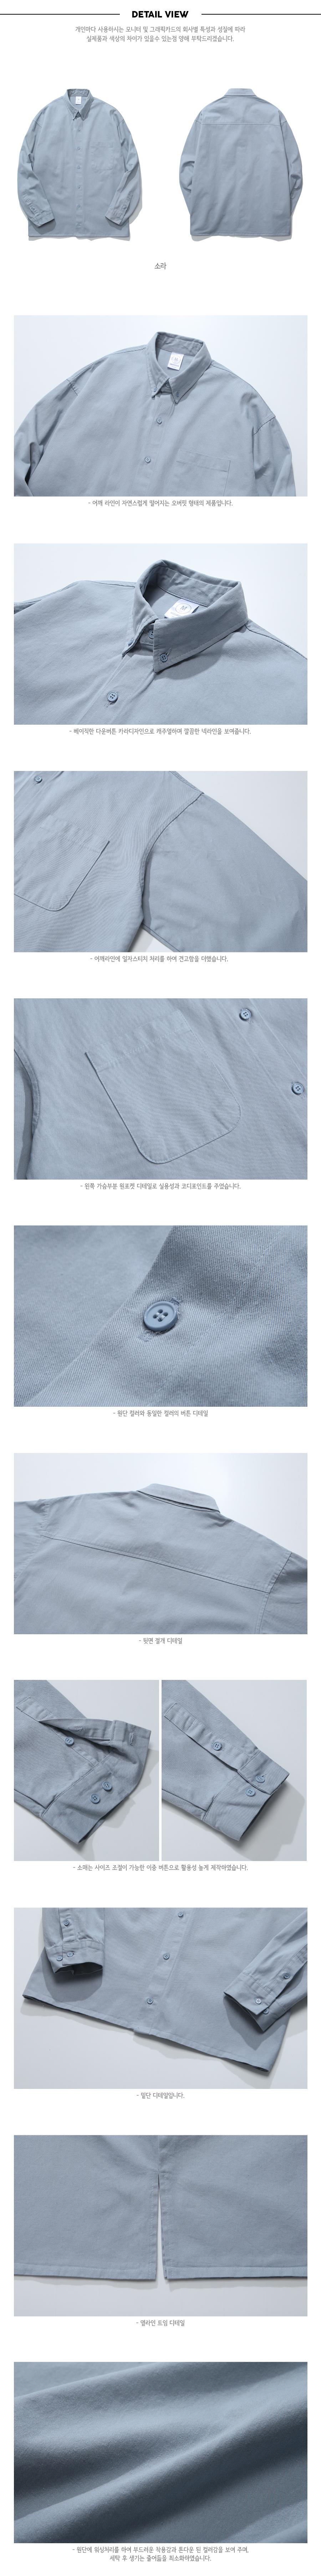 20190208_jennie_overfit_shirts_sora_yh.jpg